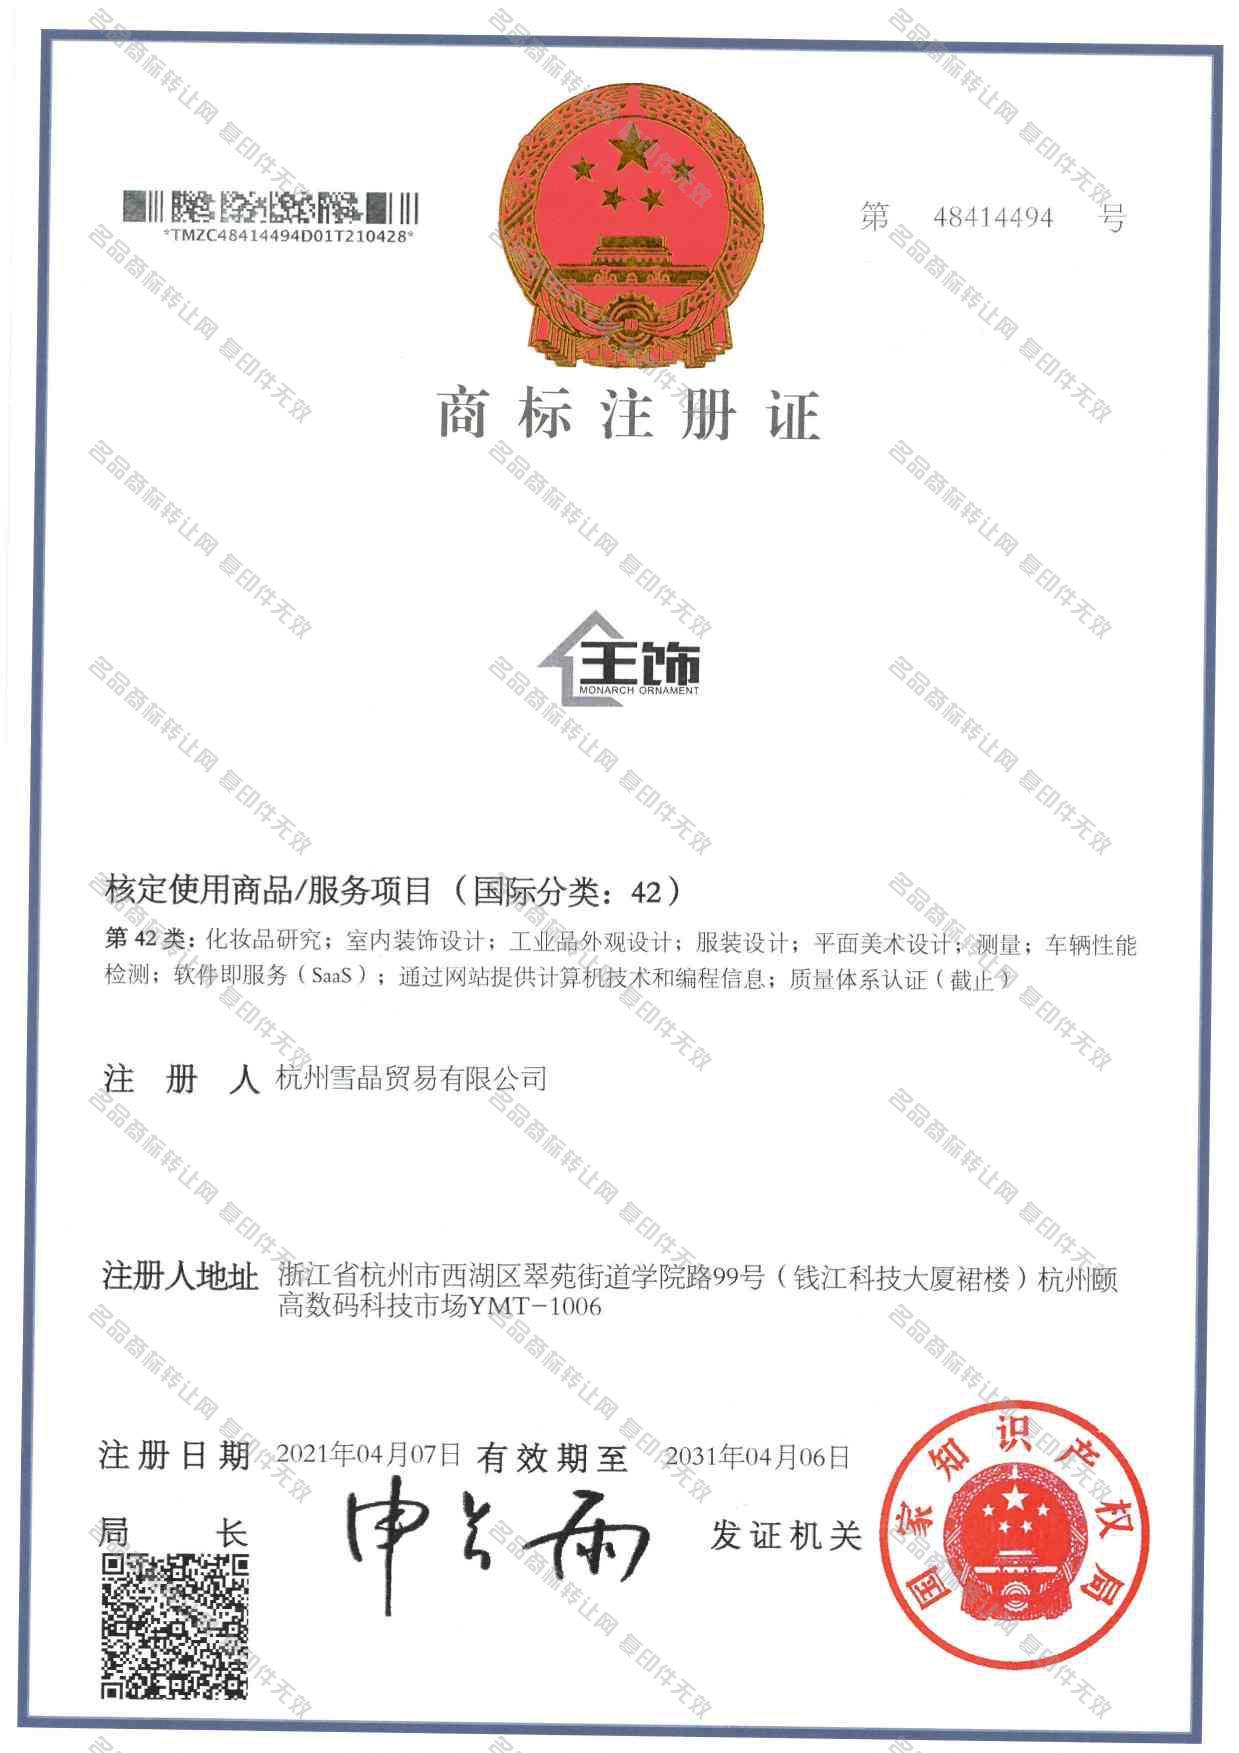 王饰 MONARCH ORNAMENT注册证